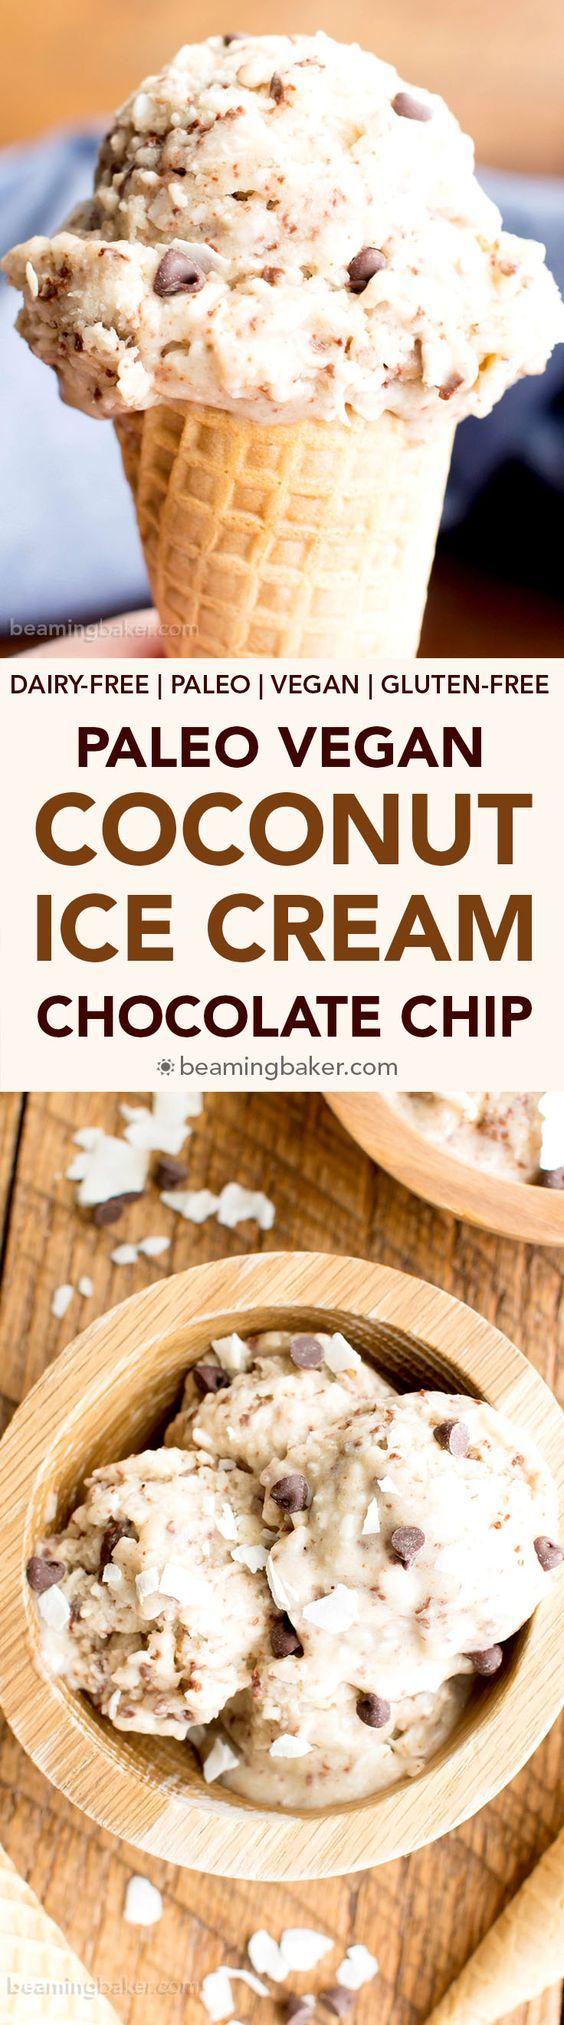 Paleo Vegan Coconut Chocolate Chip Vegan Ice Cream #GlutenFree #DairyFree | Beaming Baker